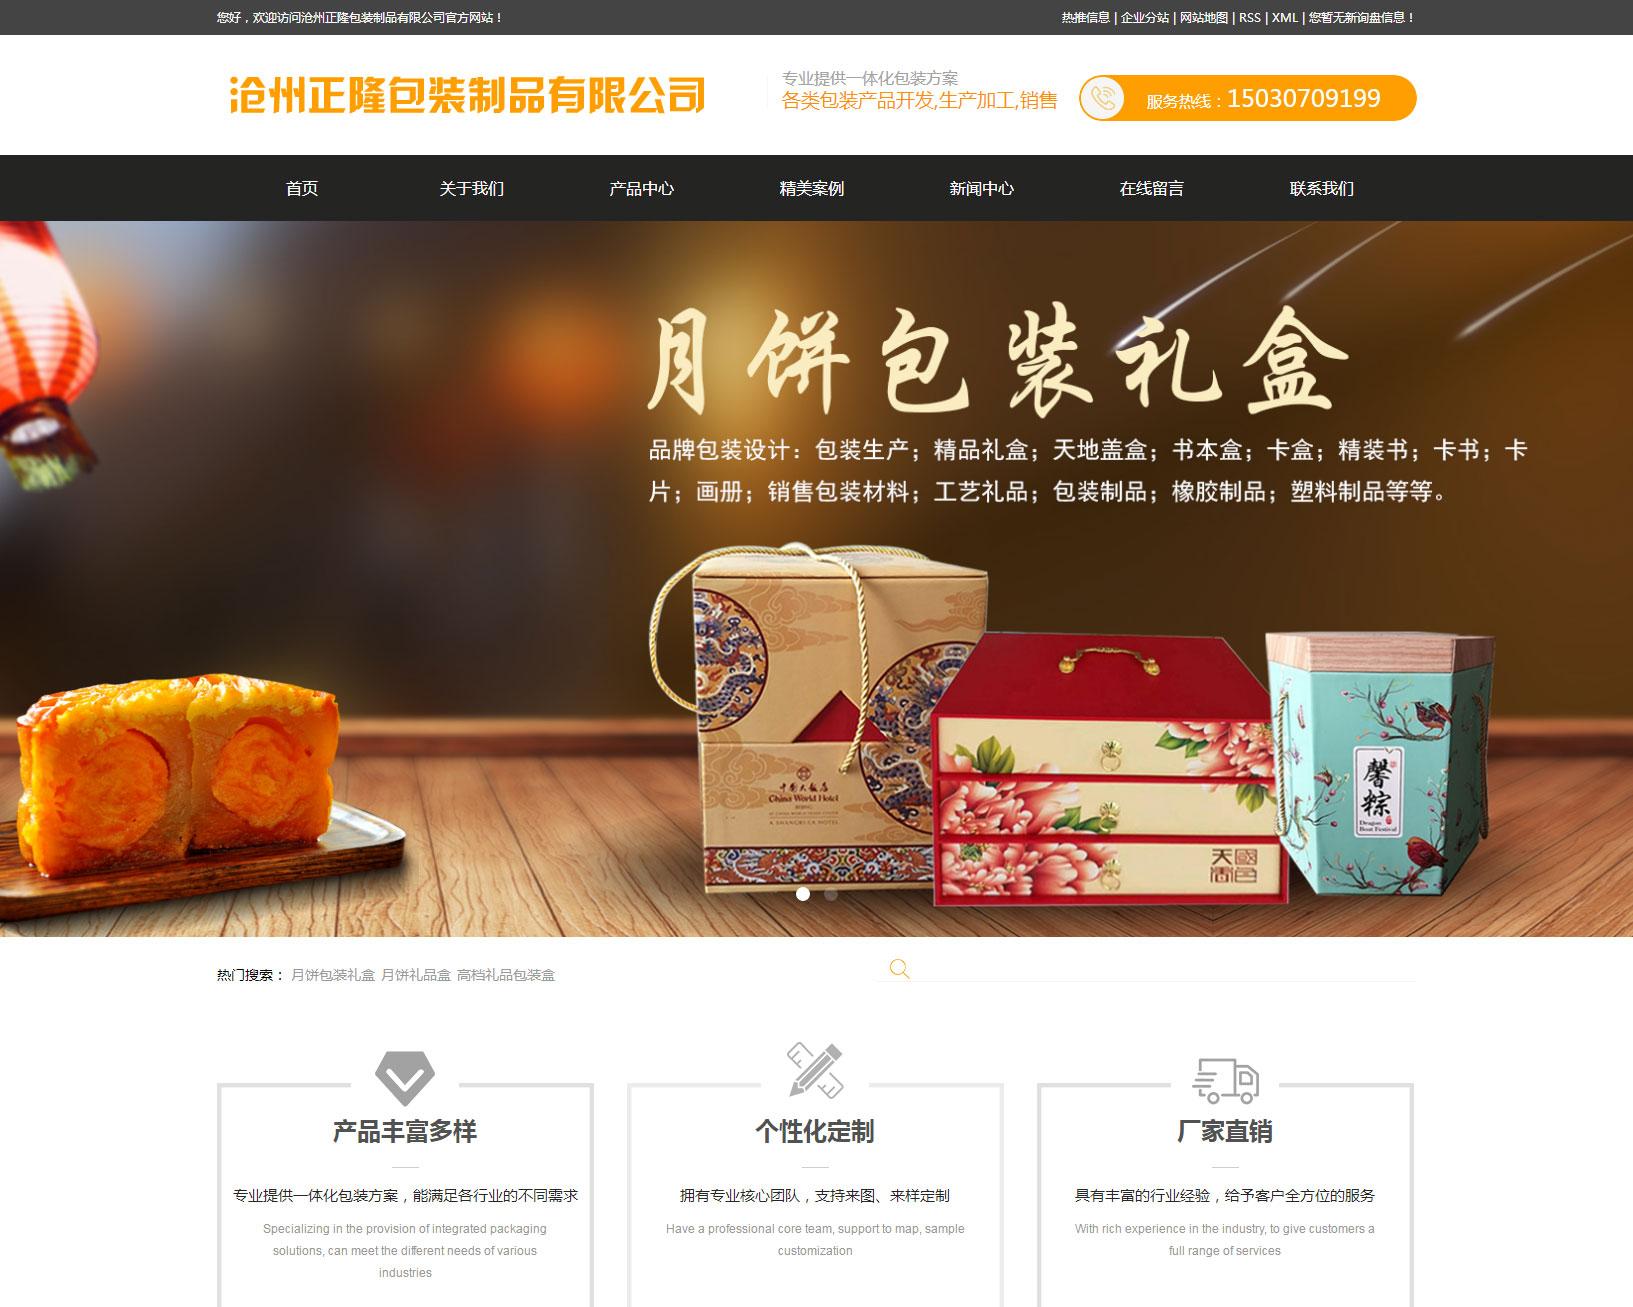 沧州网站设计包装行业案例